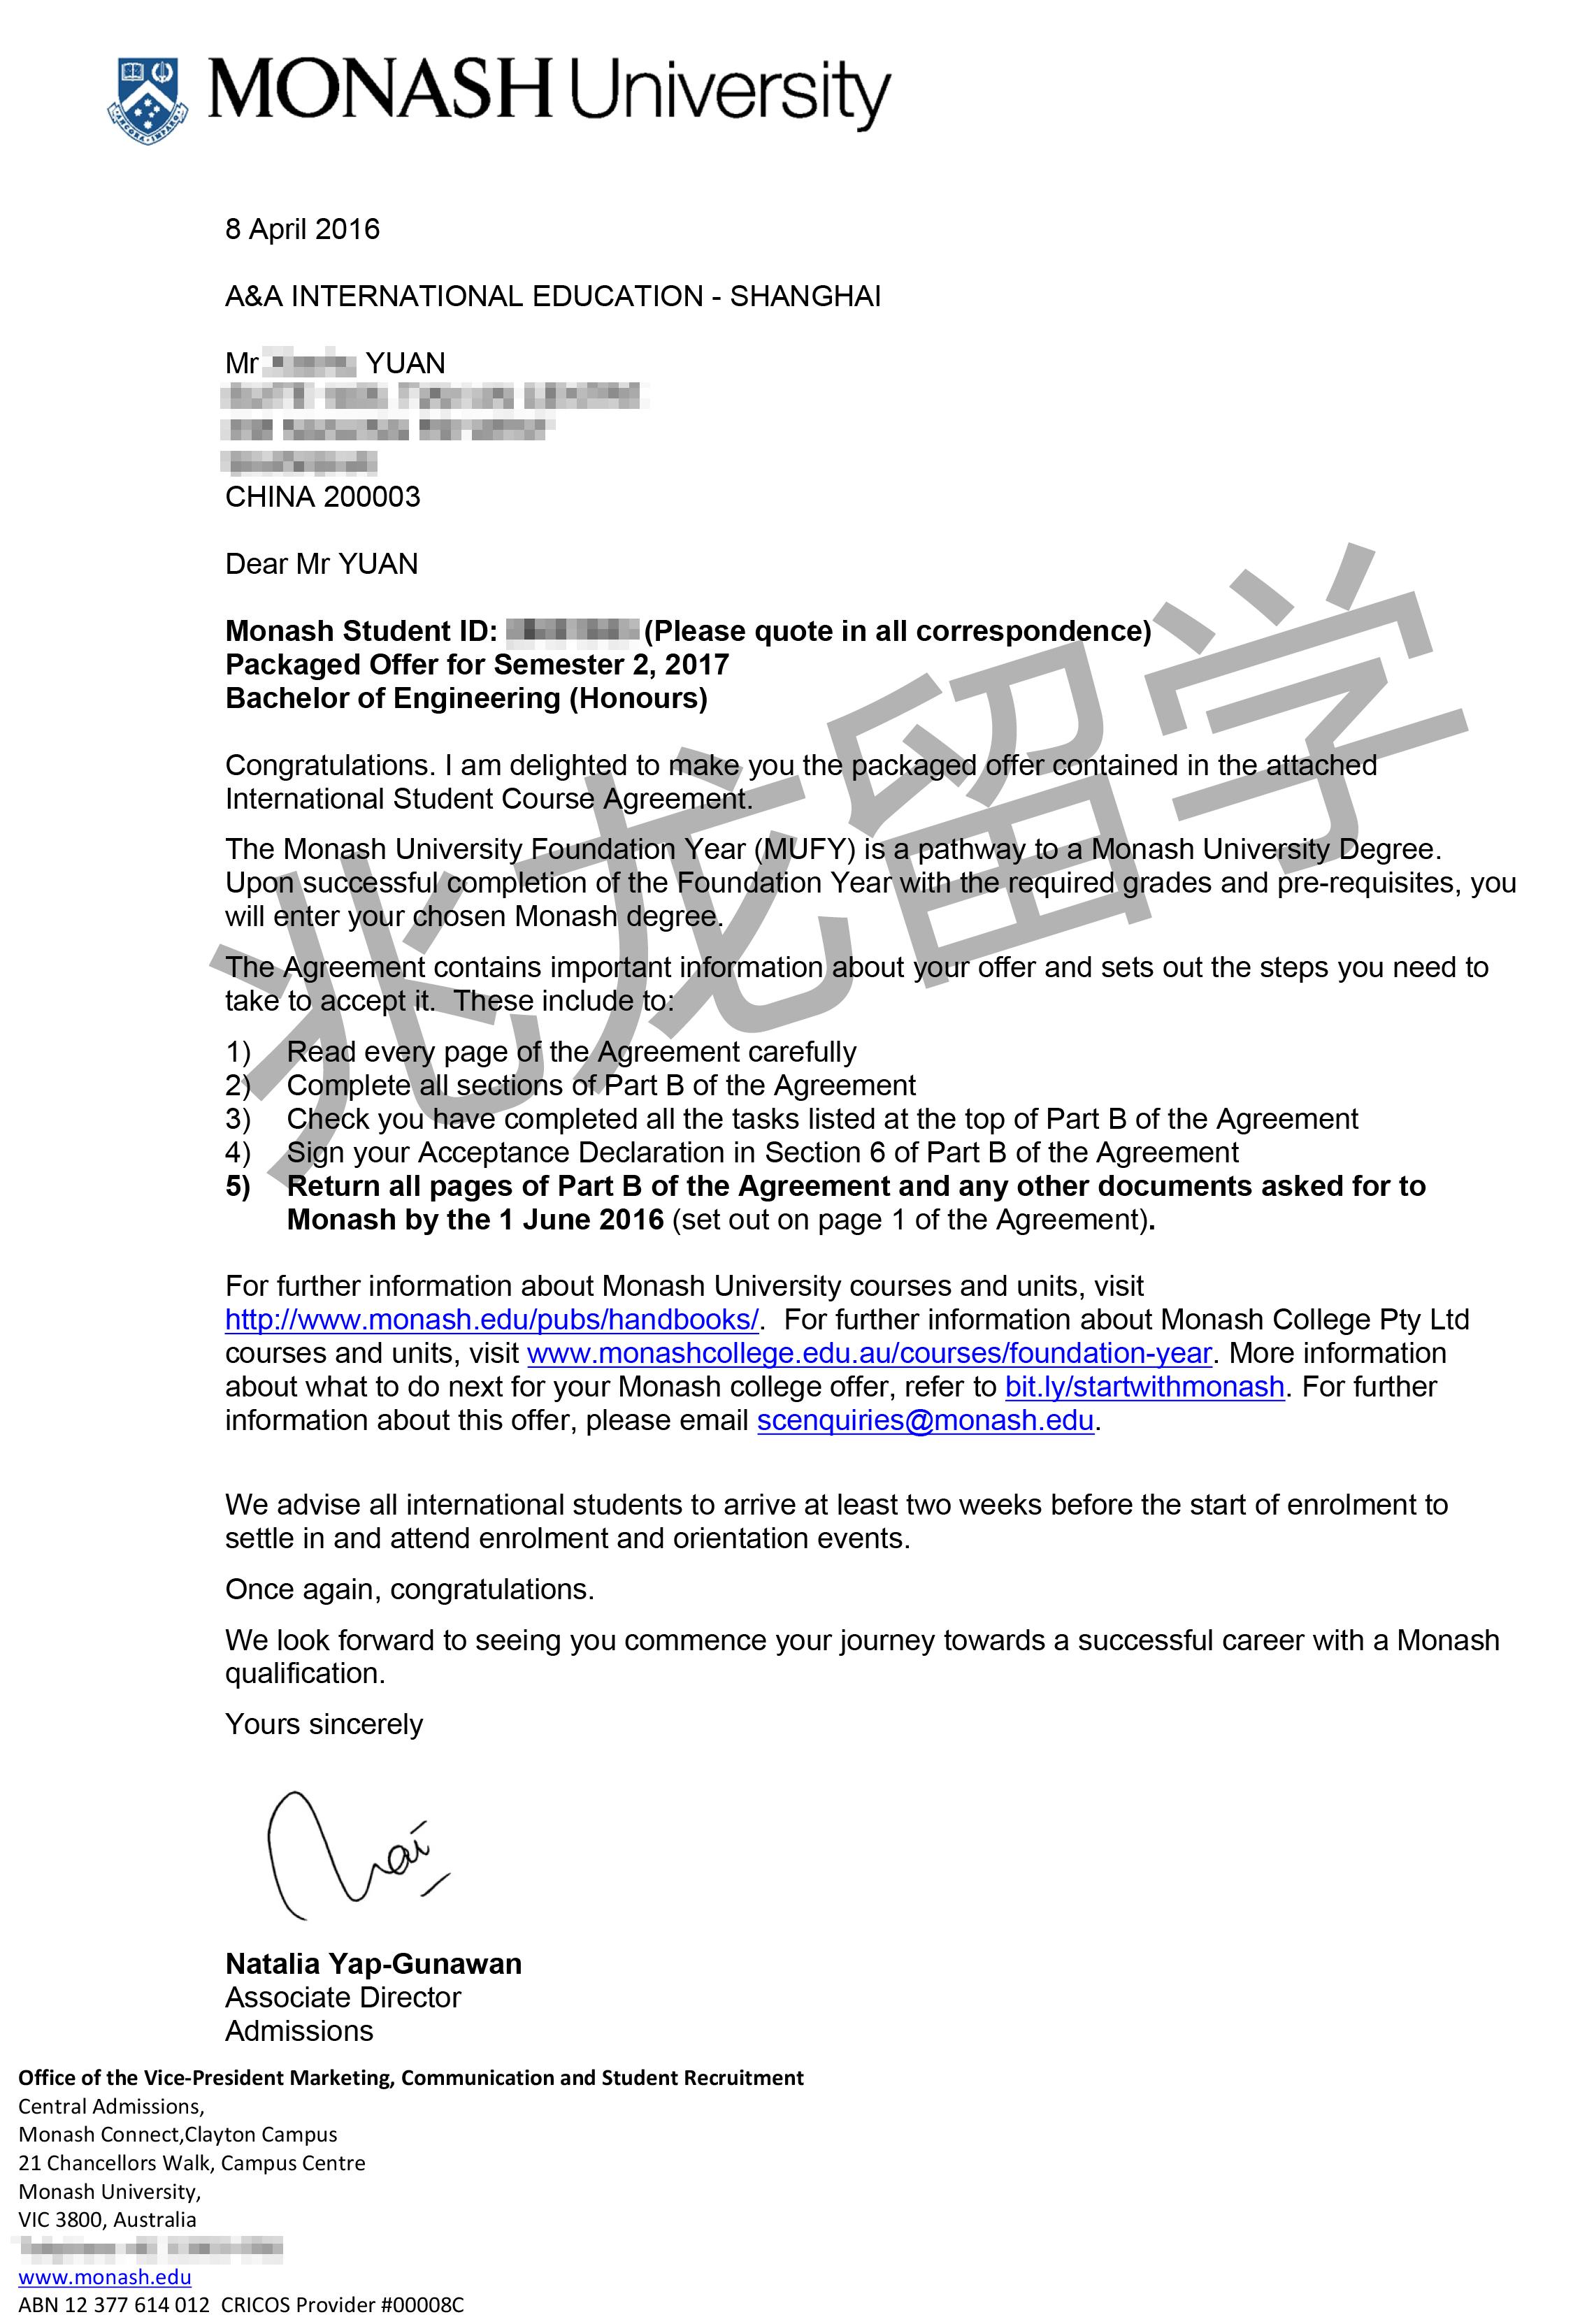 恭喜袁同学获得澳洲莫纳什大学的offer